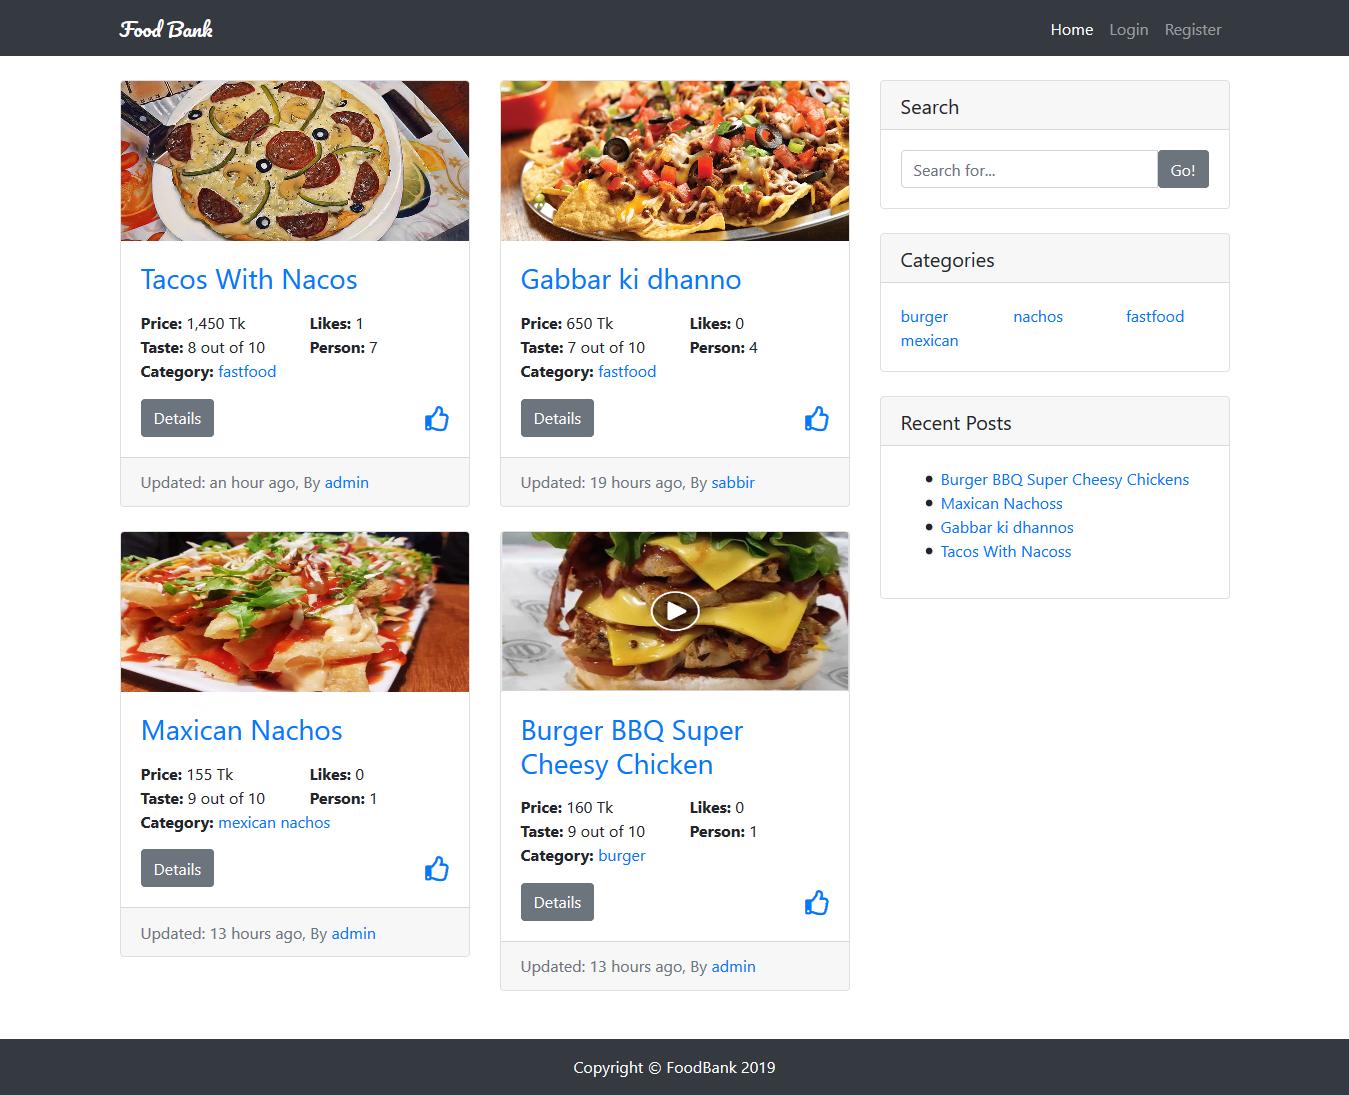 Food Bank Management System in Django Framework